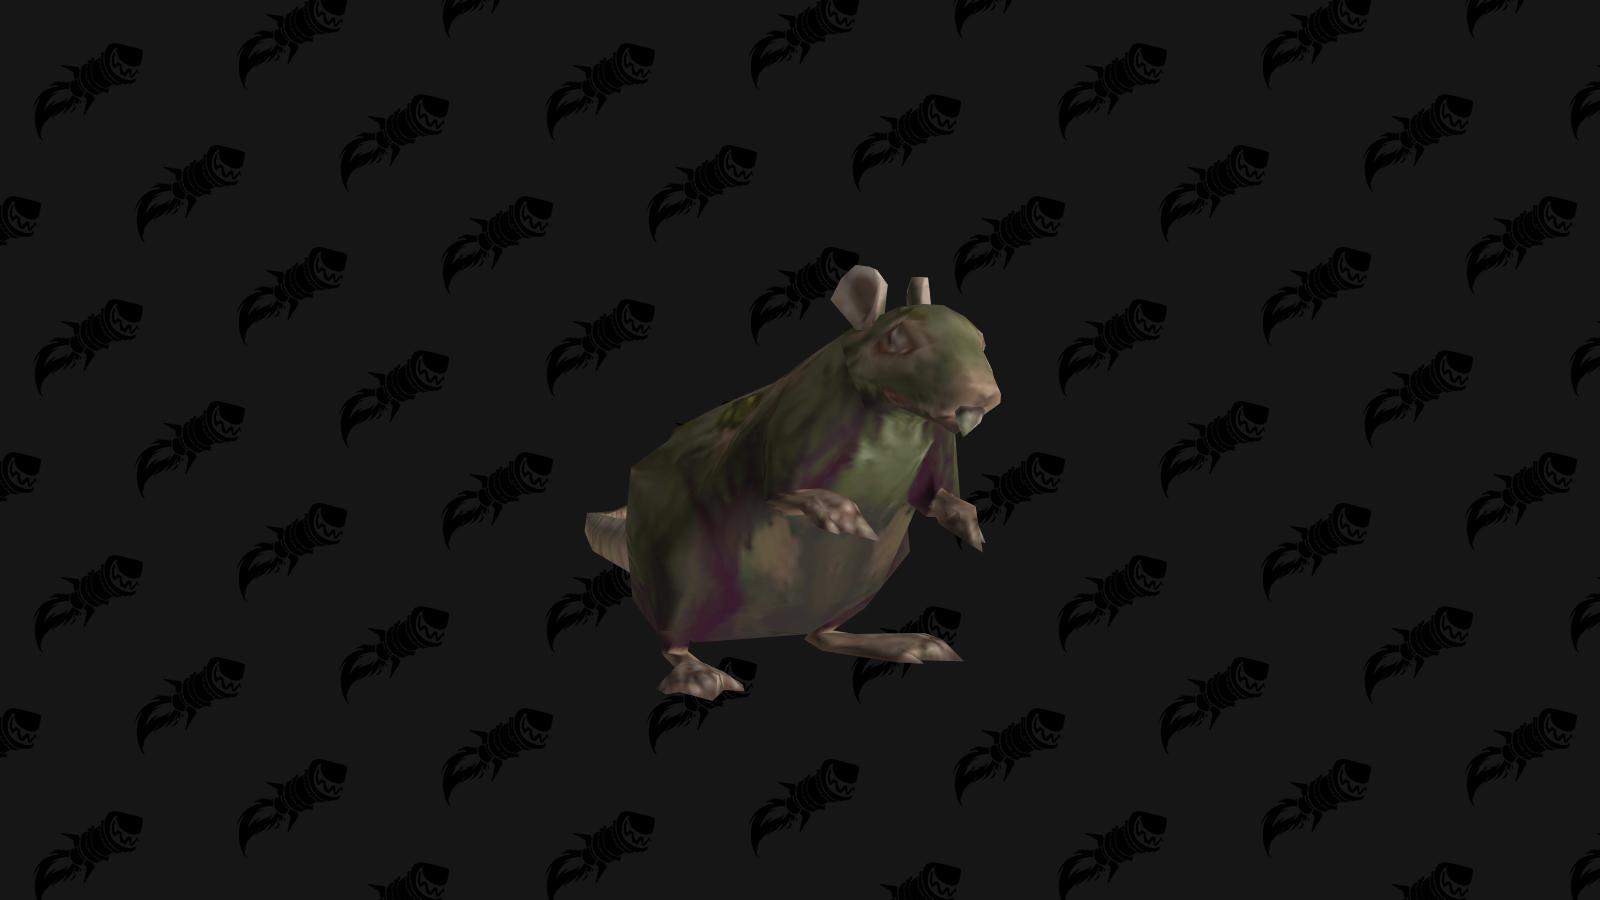 Rat lépreux boursouflé le boss du niveau 6 du donjon de mascottes Gnomeregan